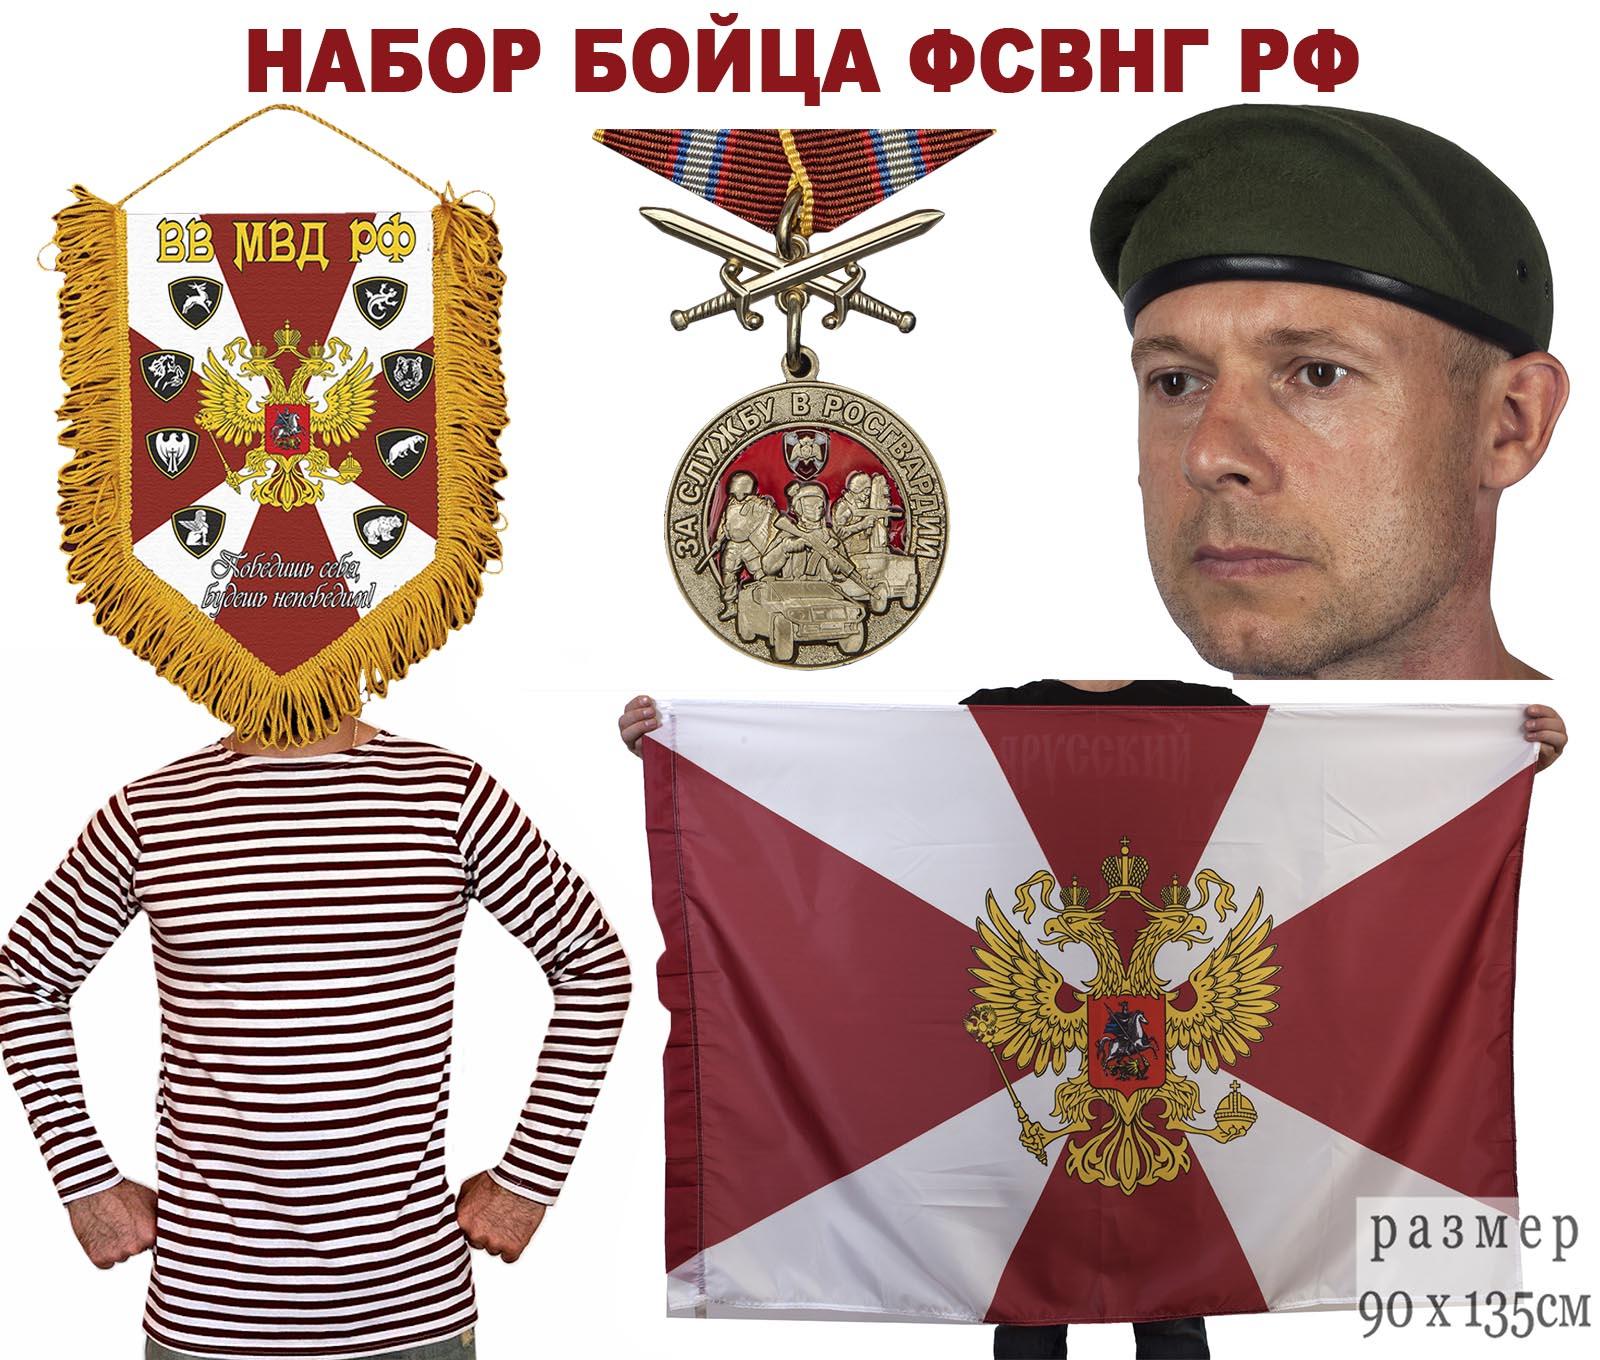 Подарочный набор бойцу ФСВНГ РФ